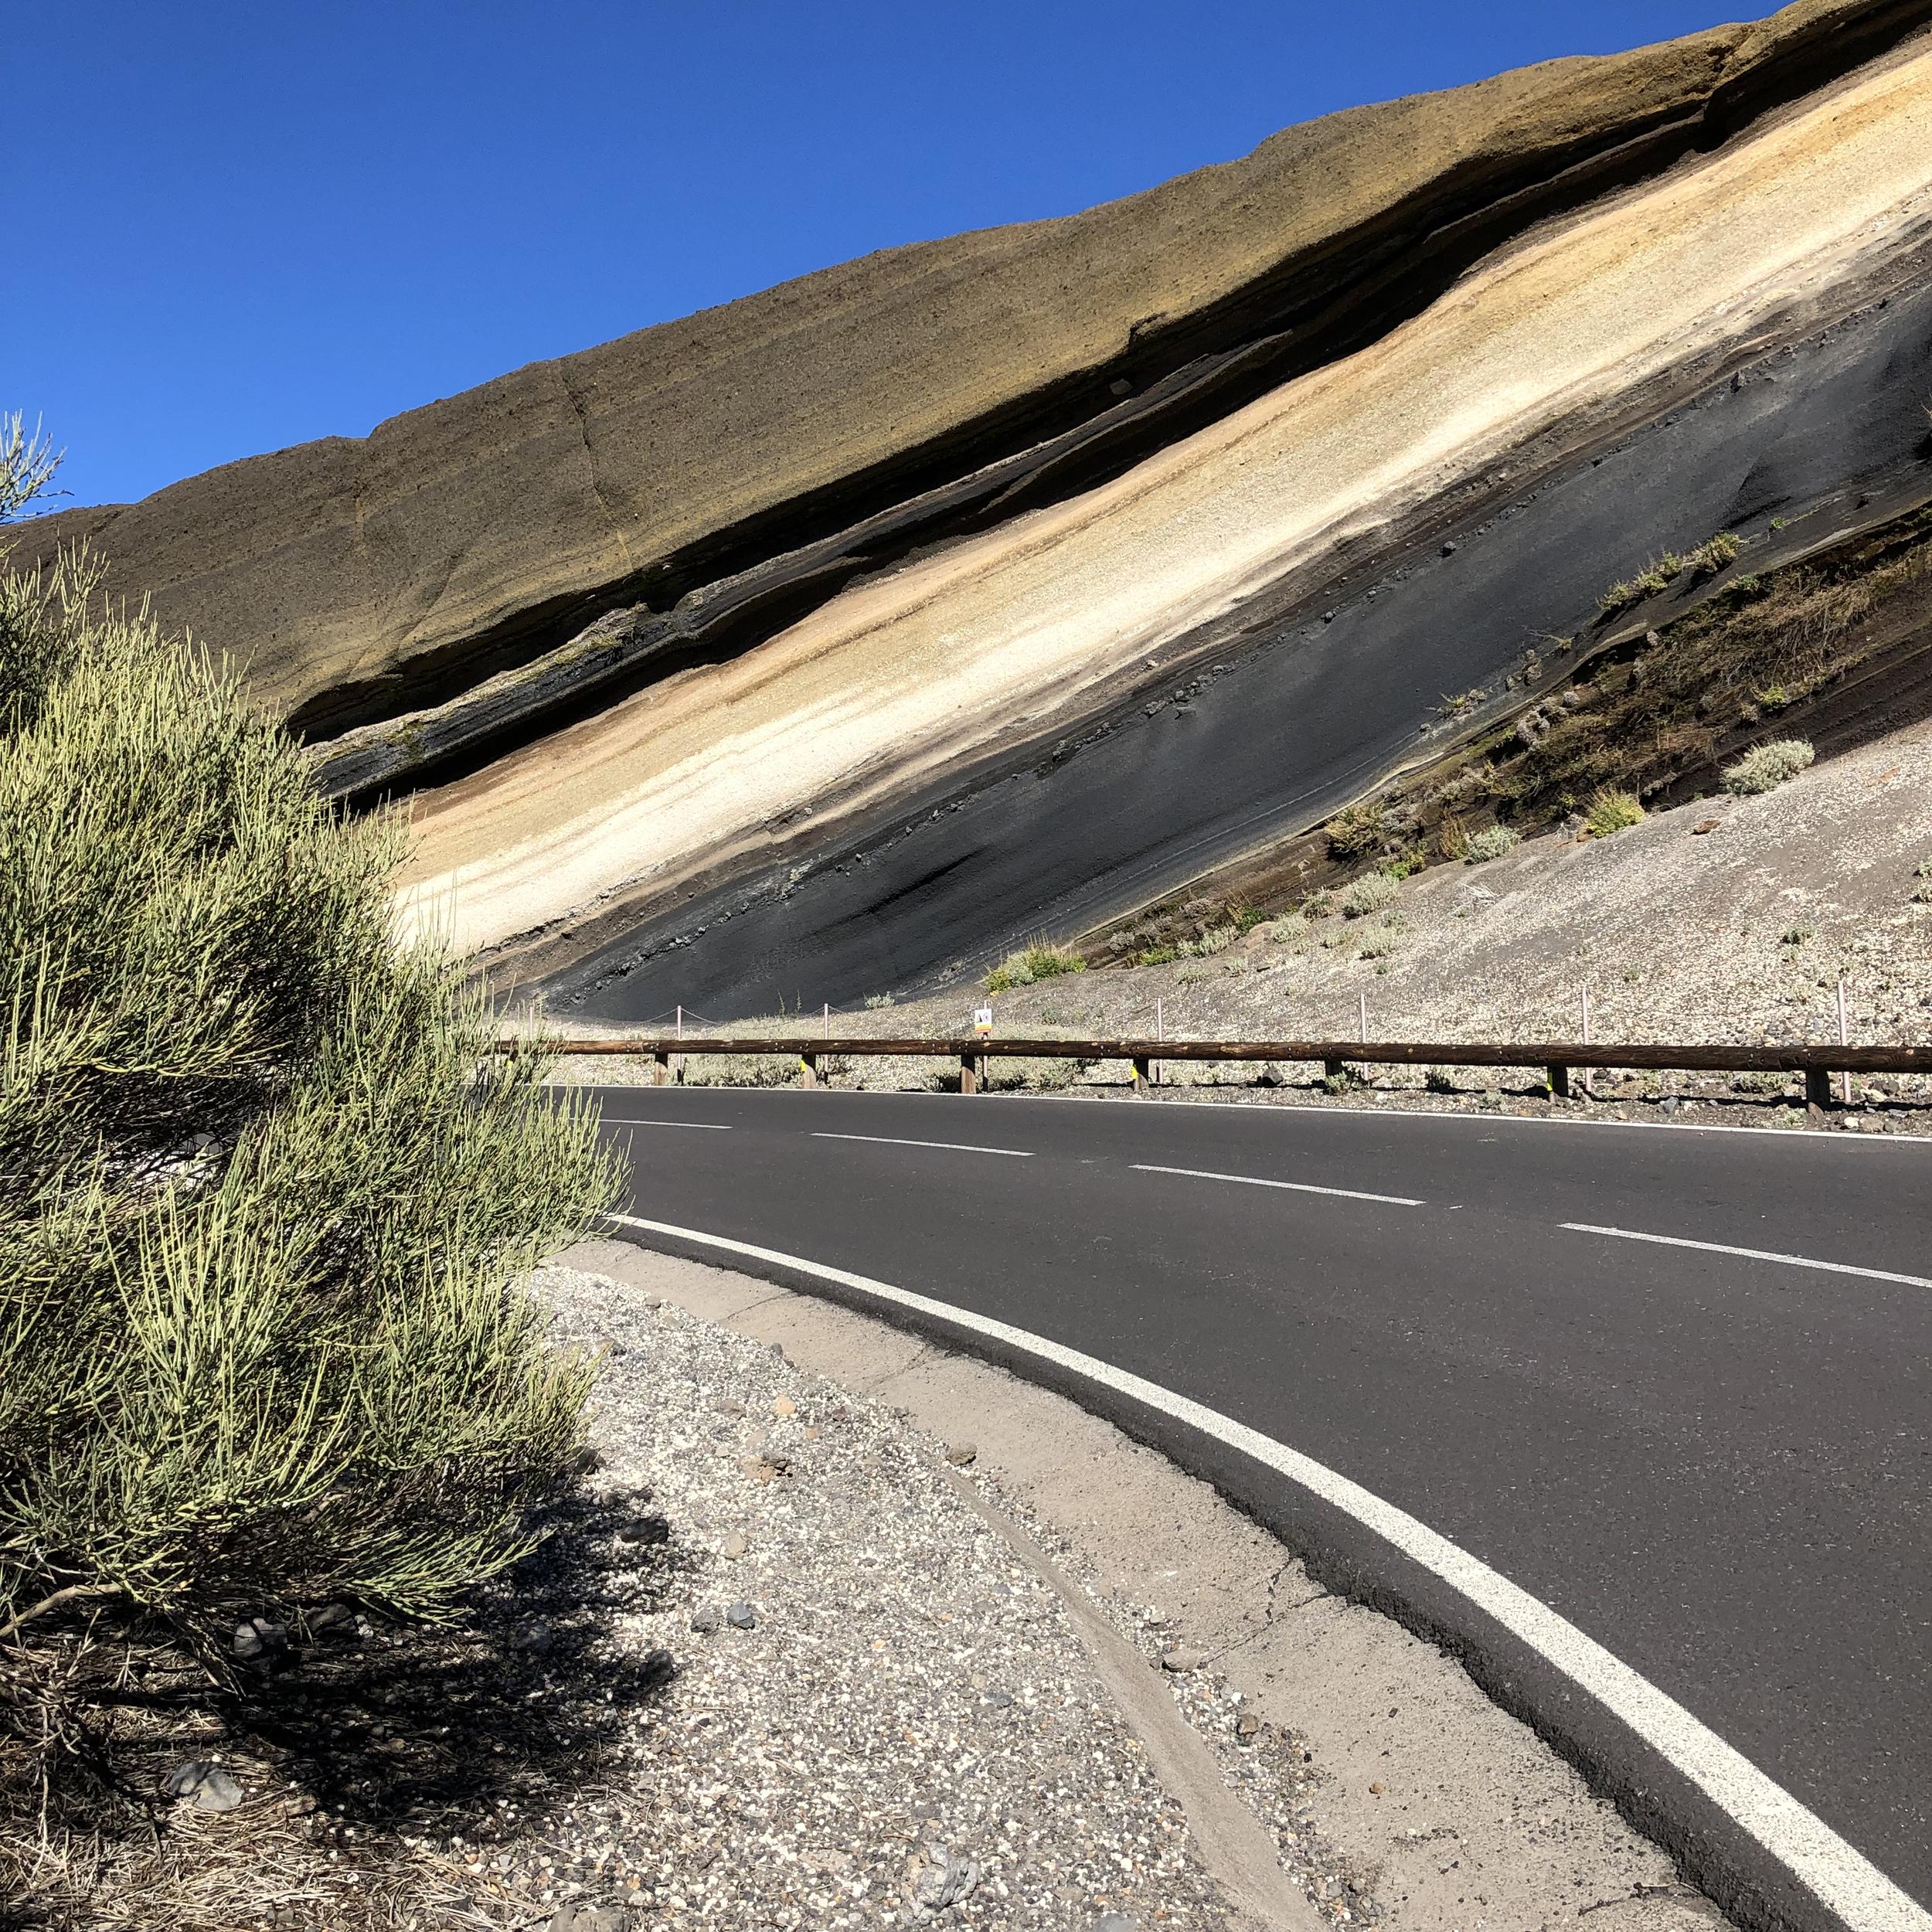 La curva de la tarta en el Teide.